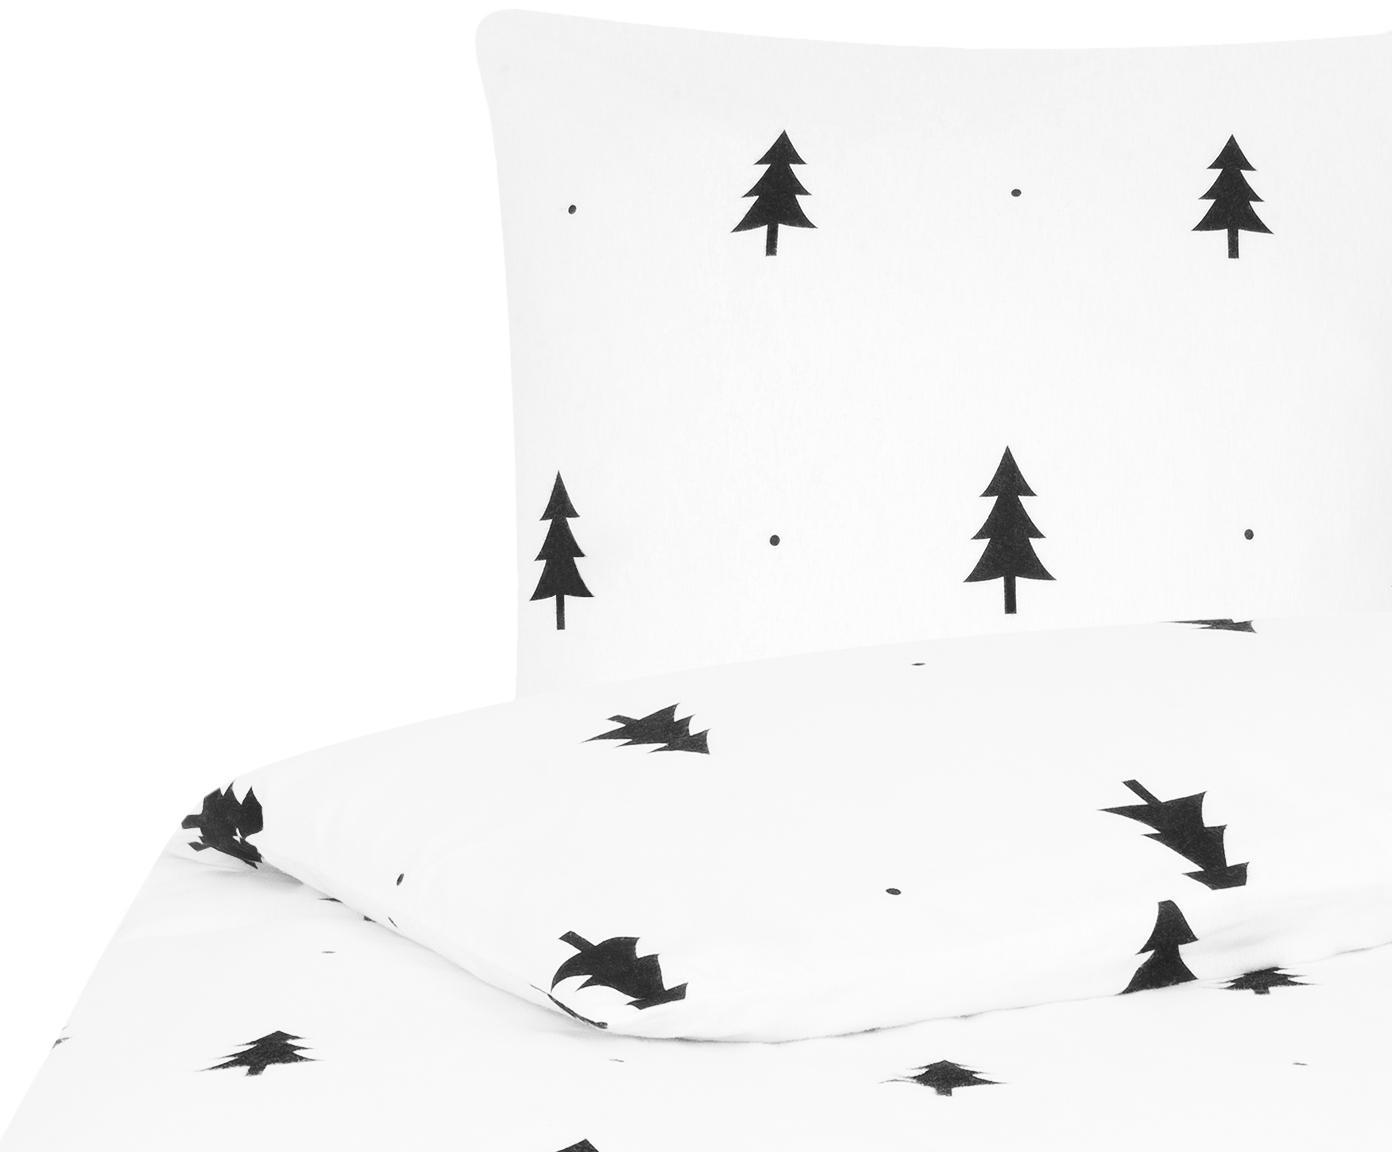 Flanell-Bettwäsche X-mas Tree in Weiß/Schwarz, Webart: Flanell Flanell ist ein s, Weiß, Schwarz, 155 x 220 cm + 1 Kissen 80 x 80 cm